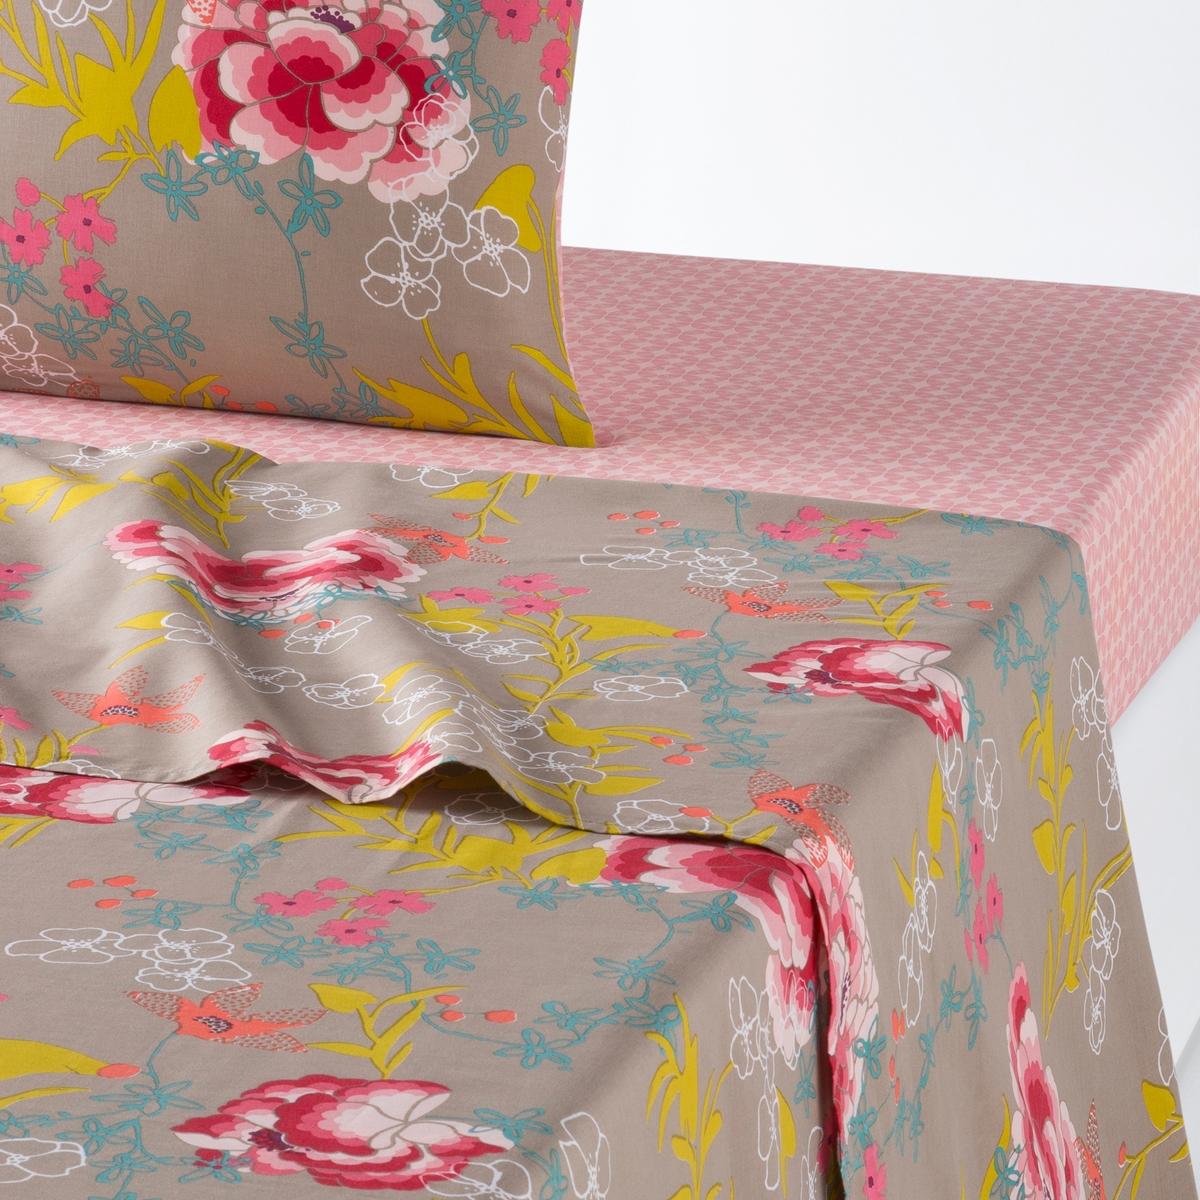 Простыня с принтом KYOTOОписание:Простыня с принтом KYOTO. Изобилие цветов в вашей квартире с постельным бельем в японском стиле, украшенное пионами! Характеристики простыни KYOTO: Цветочный рисунок на серо-коричневом фоне.100 % хлопок, 57 нитей/см? ( чем больше нитей /см?, тем качественнее ткань).Легкость ухода.    Стирка при 60°.   Найдите все постельное белье KYOTO из 100 % хлопка на сайте laredoute.ru     Знак Oeko-Tex® гарантирует, что товары прошли проверку и были изготовлены без применения вредных для здоровья человека веществ Размеры:   180  x 290 см: 1-сп 240 х 290 см: 2-сп.270 x 290 см: 2-сп.<br><br>Цвет: цветочный рисунок<br>Размер: 180 x 290  см